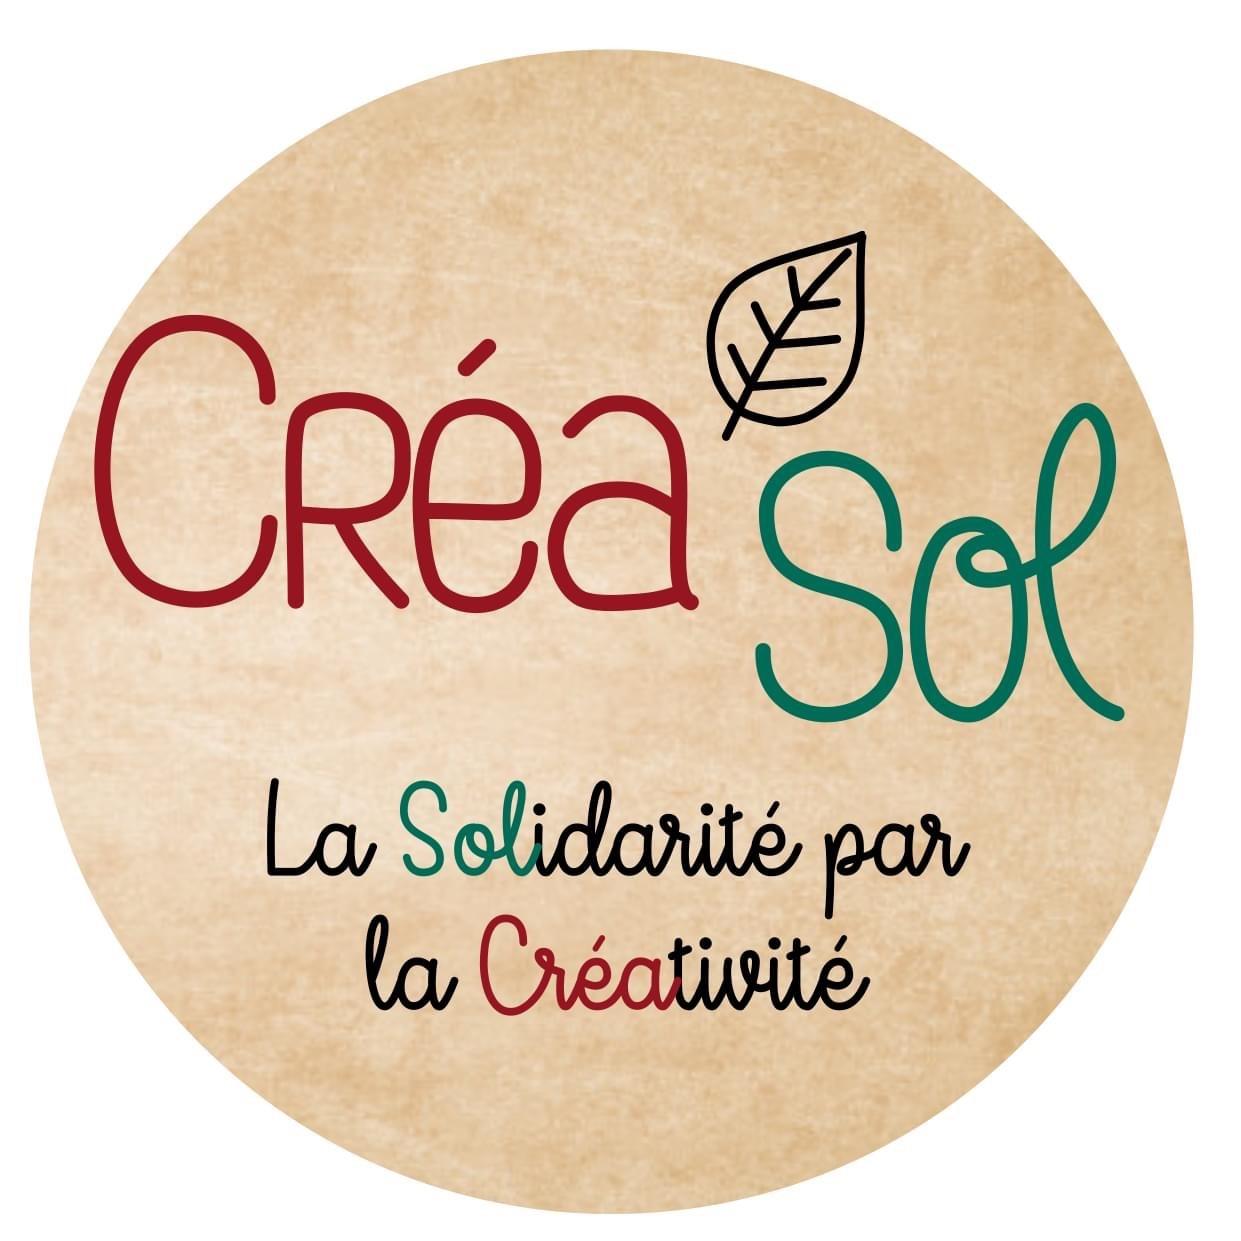 CreaSol.jpg